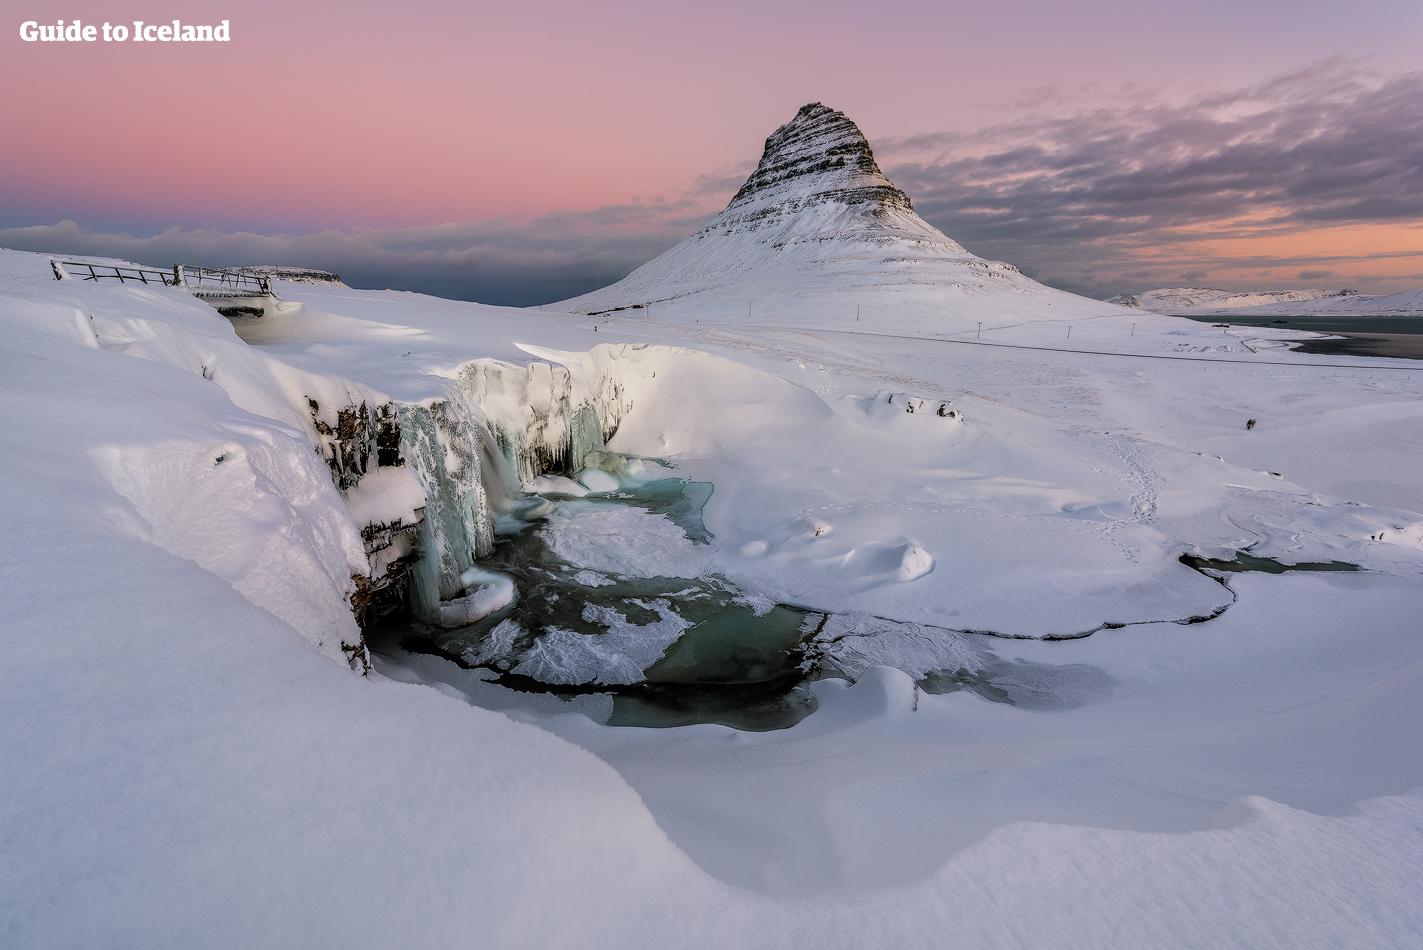 斯奈山半岛被誉为冰岛缩影,汇集了众多独具冰岛特色的自然景点,冬季时更是银装素裹,尽显秀美。